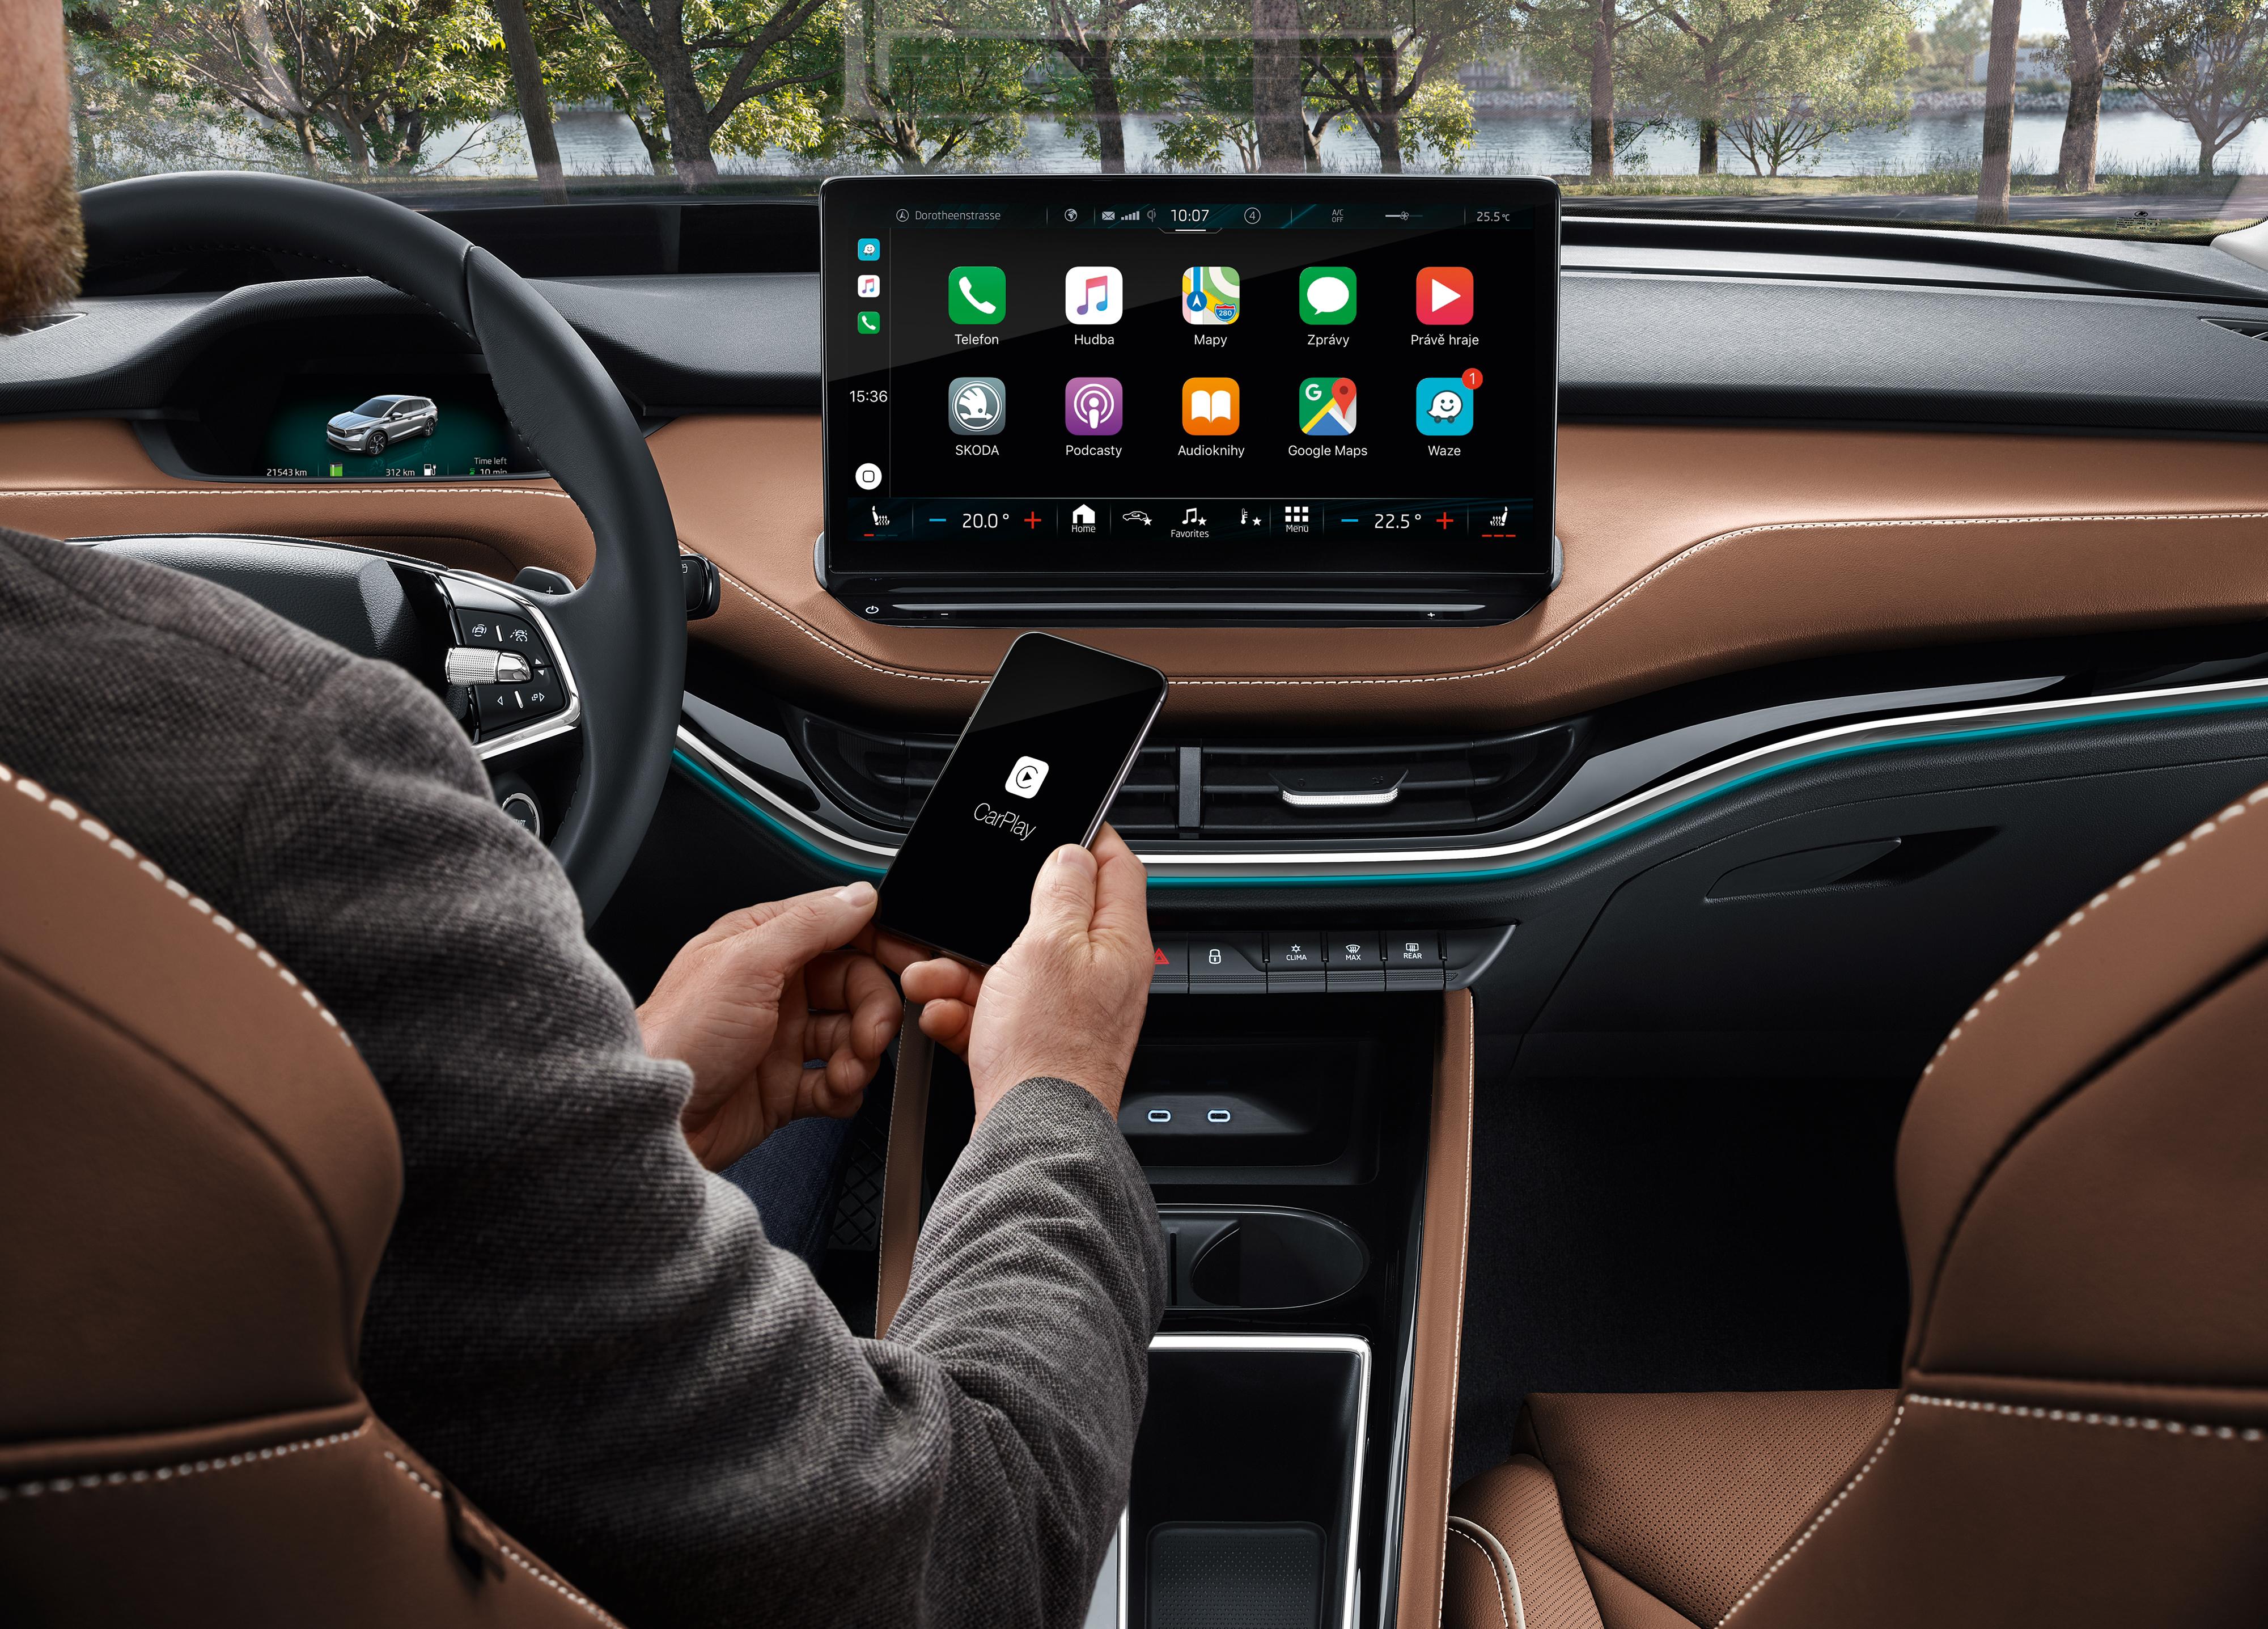 Propojení mezi člověkem, mobilem a vozem je dnes již standardem.